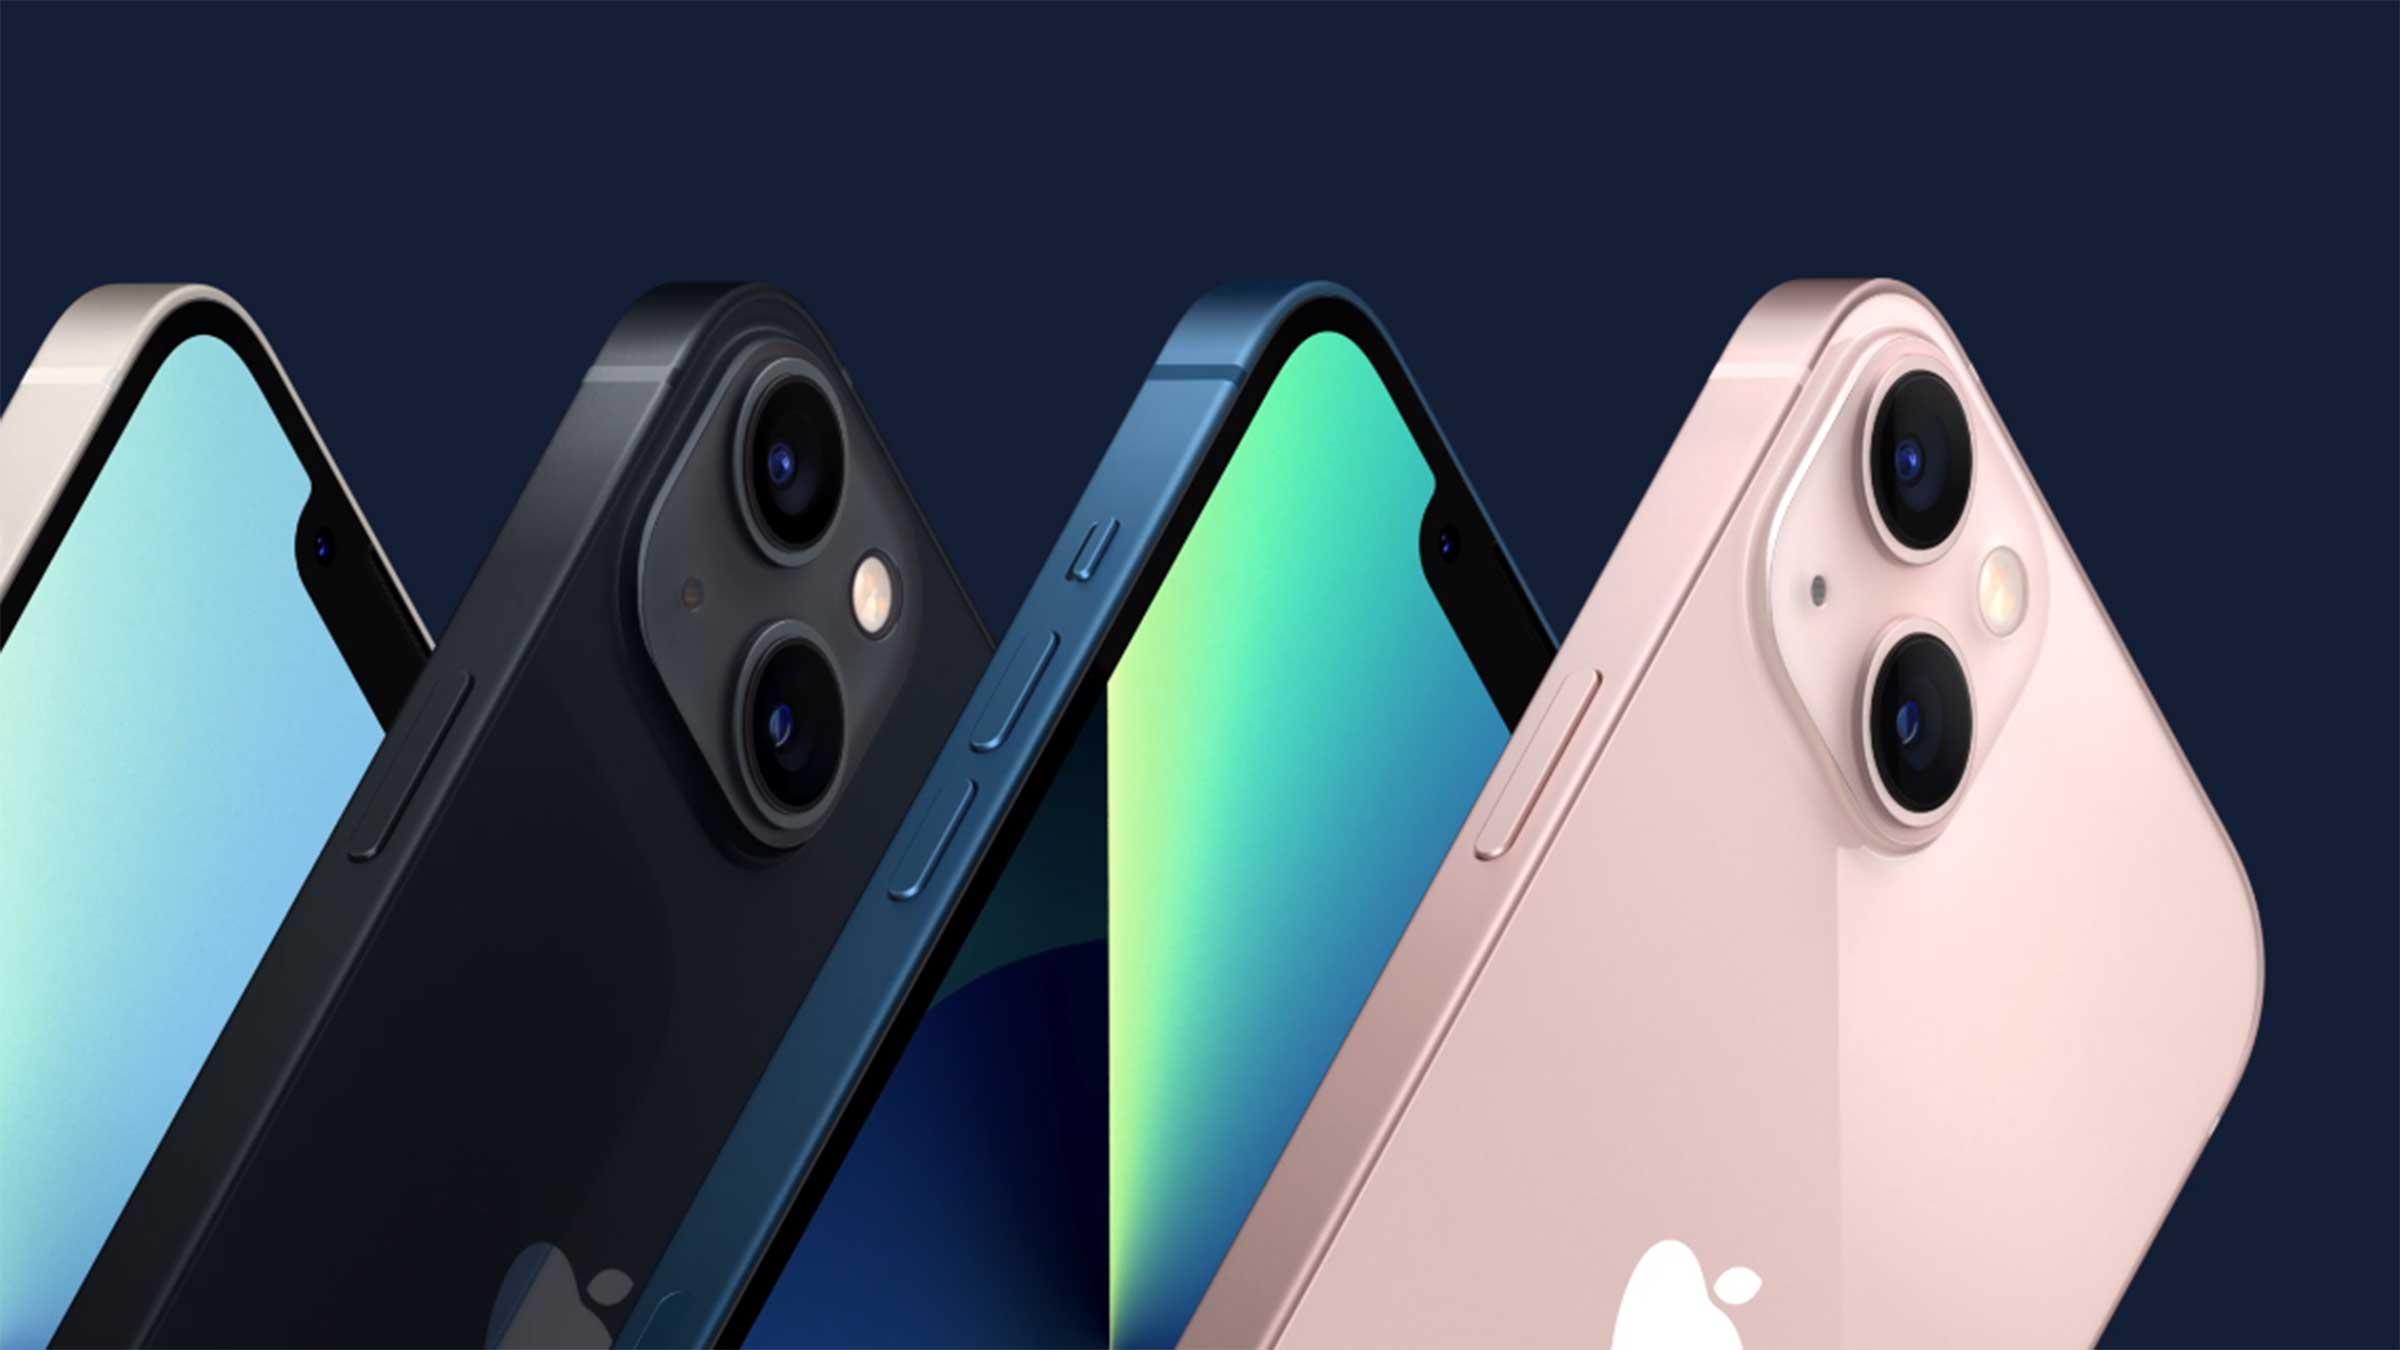 Ya sabemos la capacidad exacta de la batería de los iPhone 13